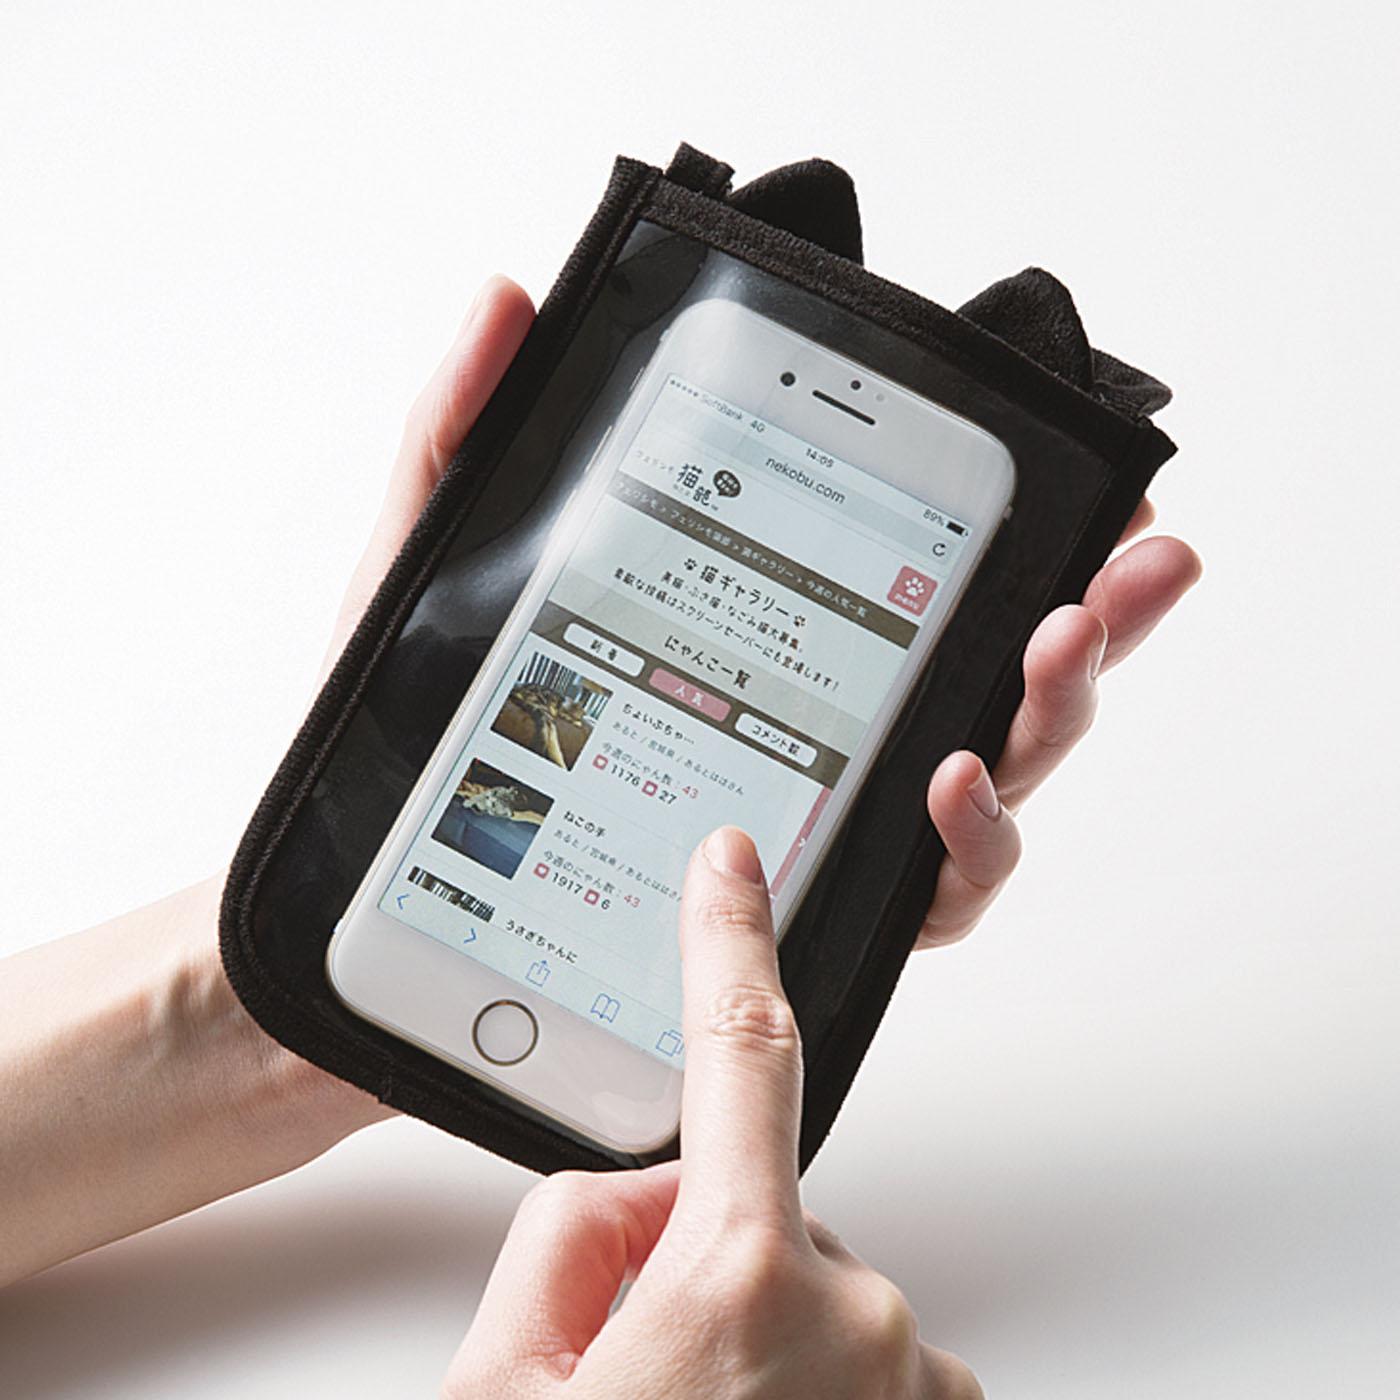 スマートフォンポーチ 透明ポケット付き。スマートフォンを入れたまま操作できます。